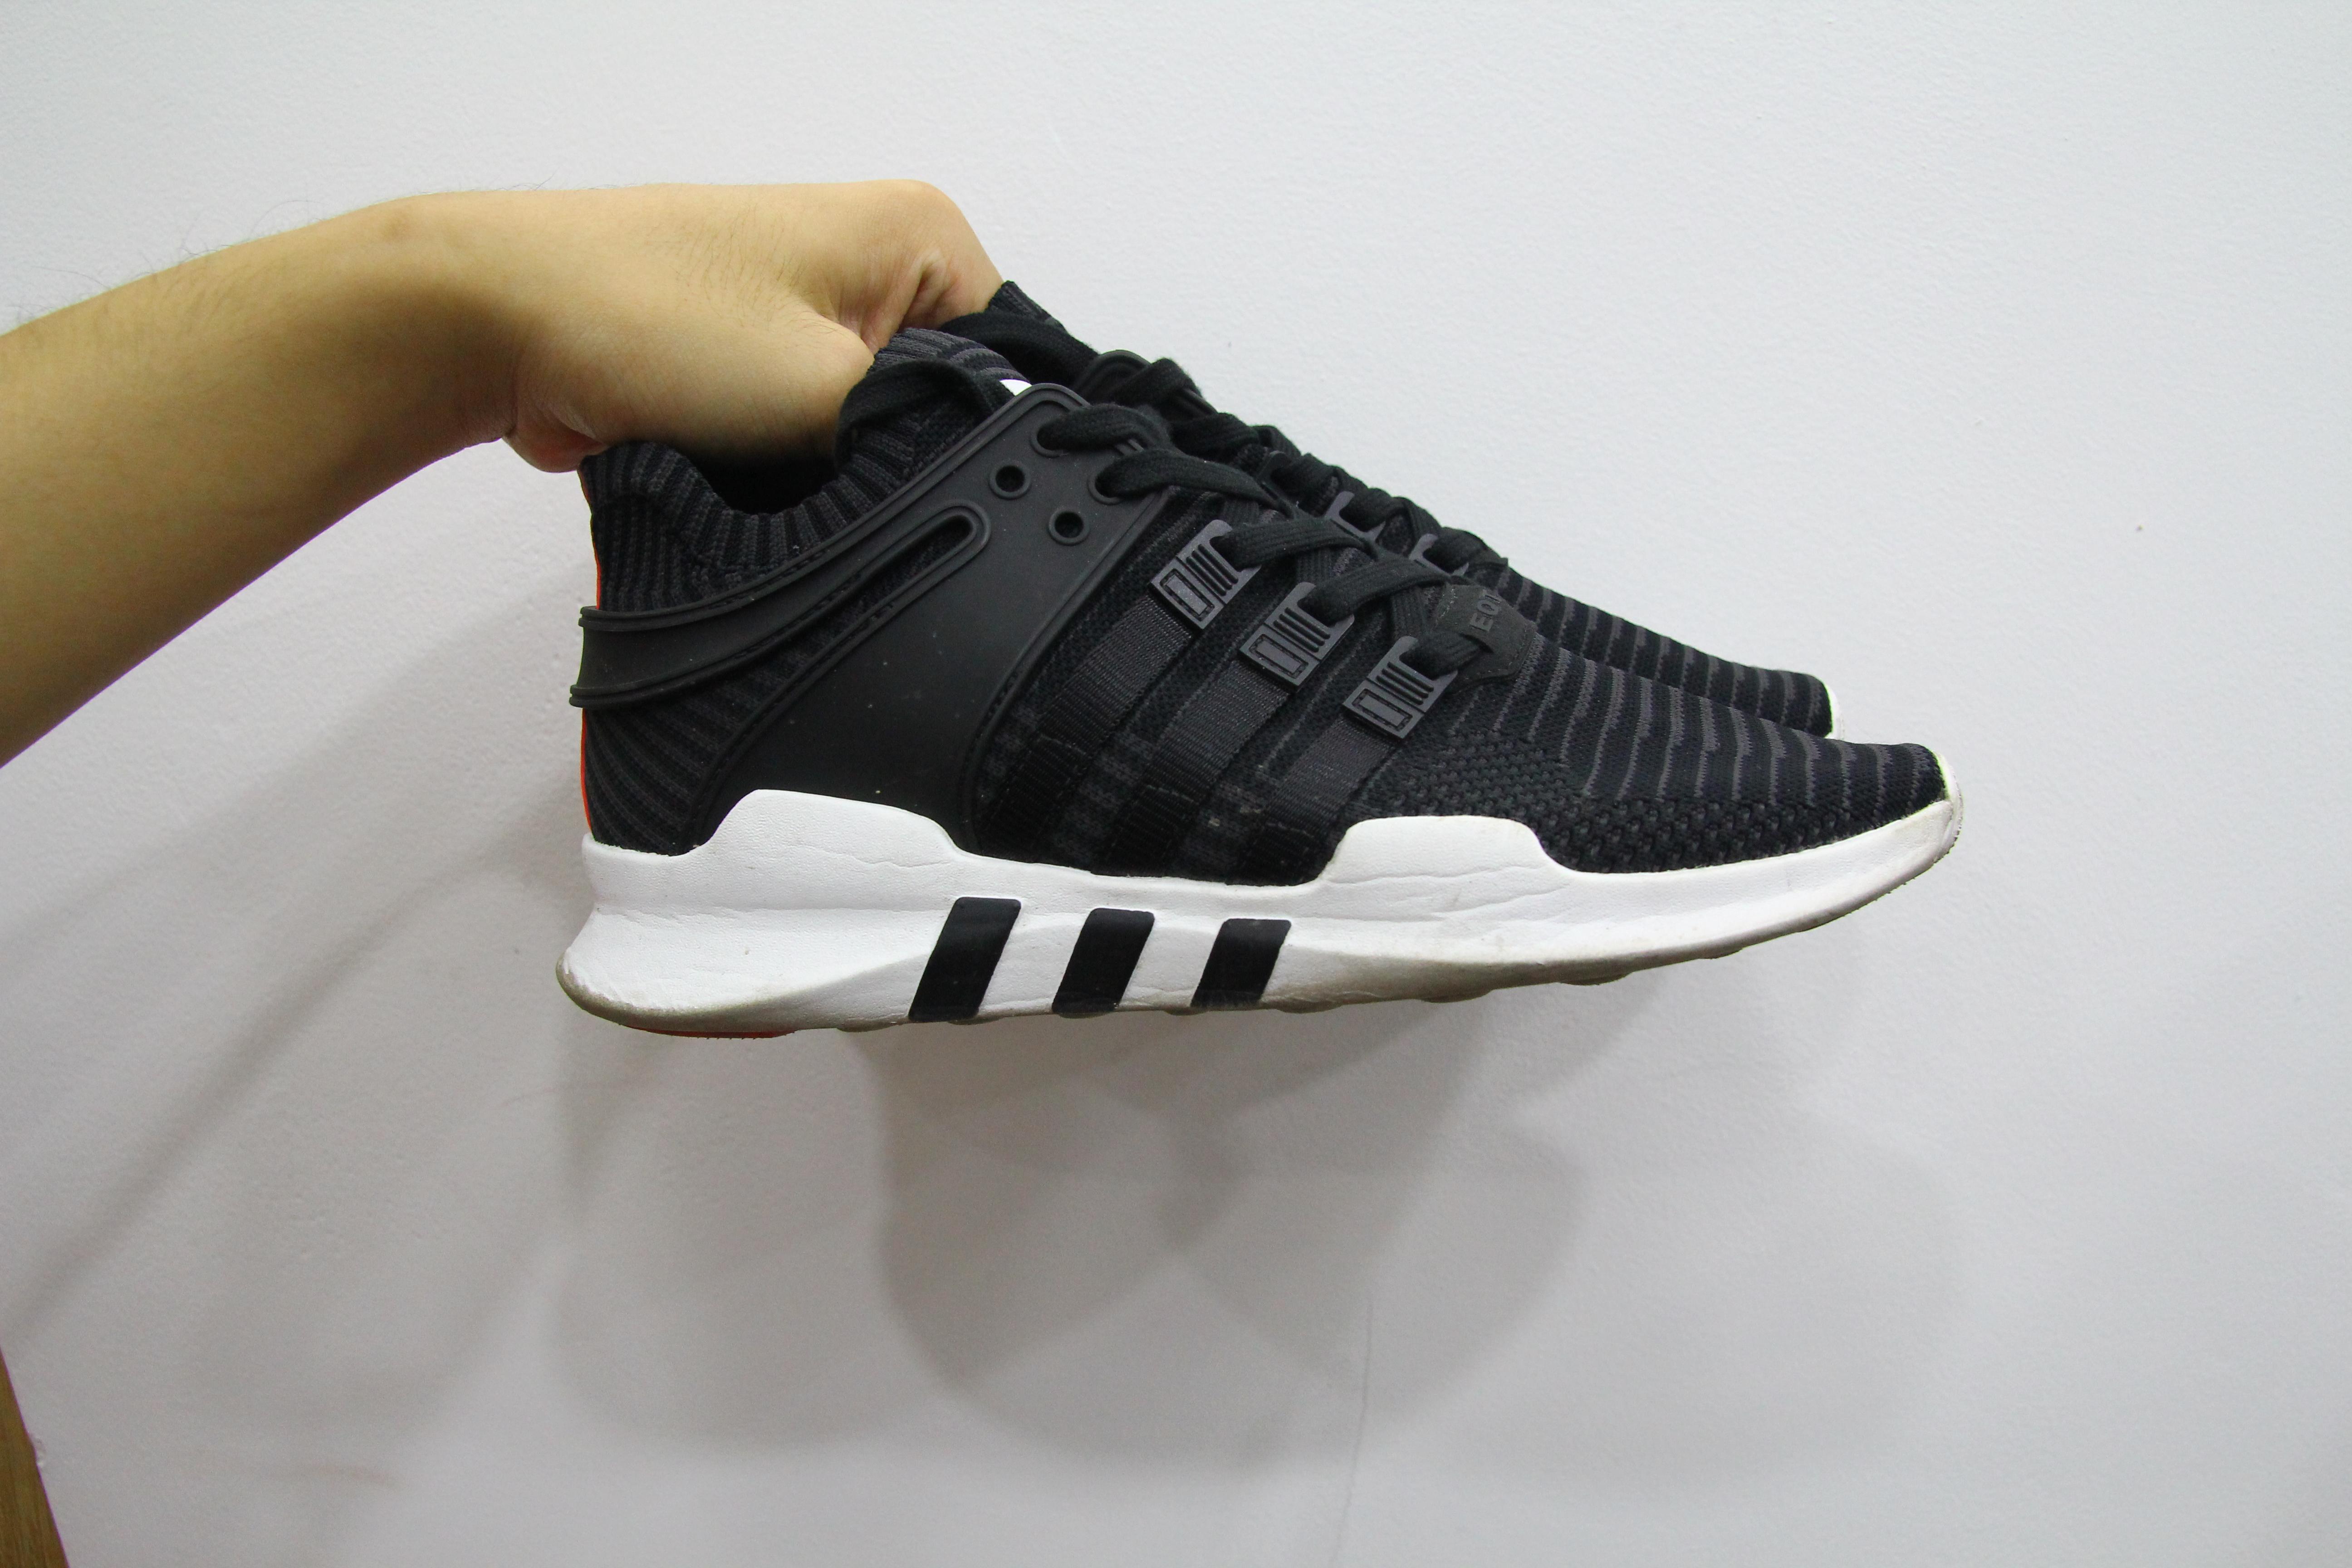 Sau khi đi thử adidas EQT trong 10 ngày, tôi khẳng định đây là một trong những đôi giày tốt nhất bạn nên mua - Ảnh 3.